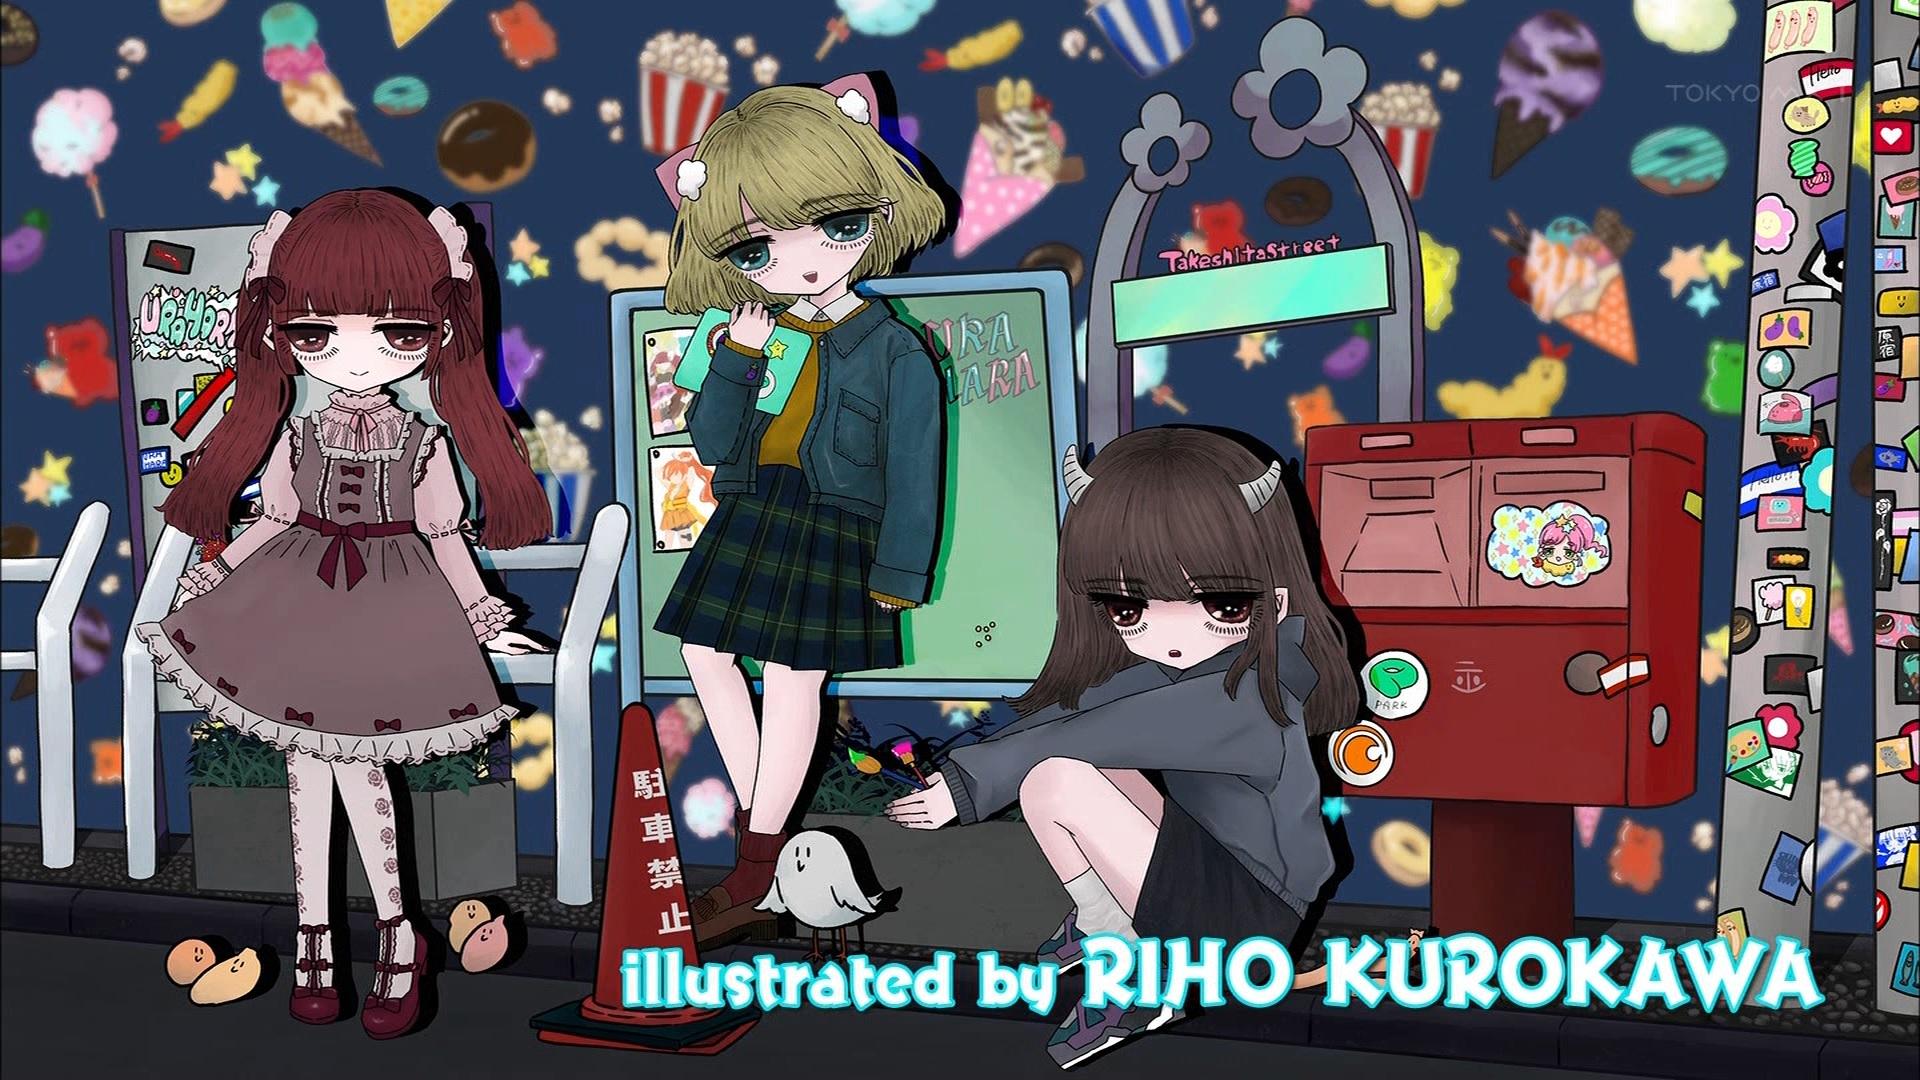 RIHO KUROKAWAのエンドカード